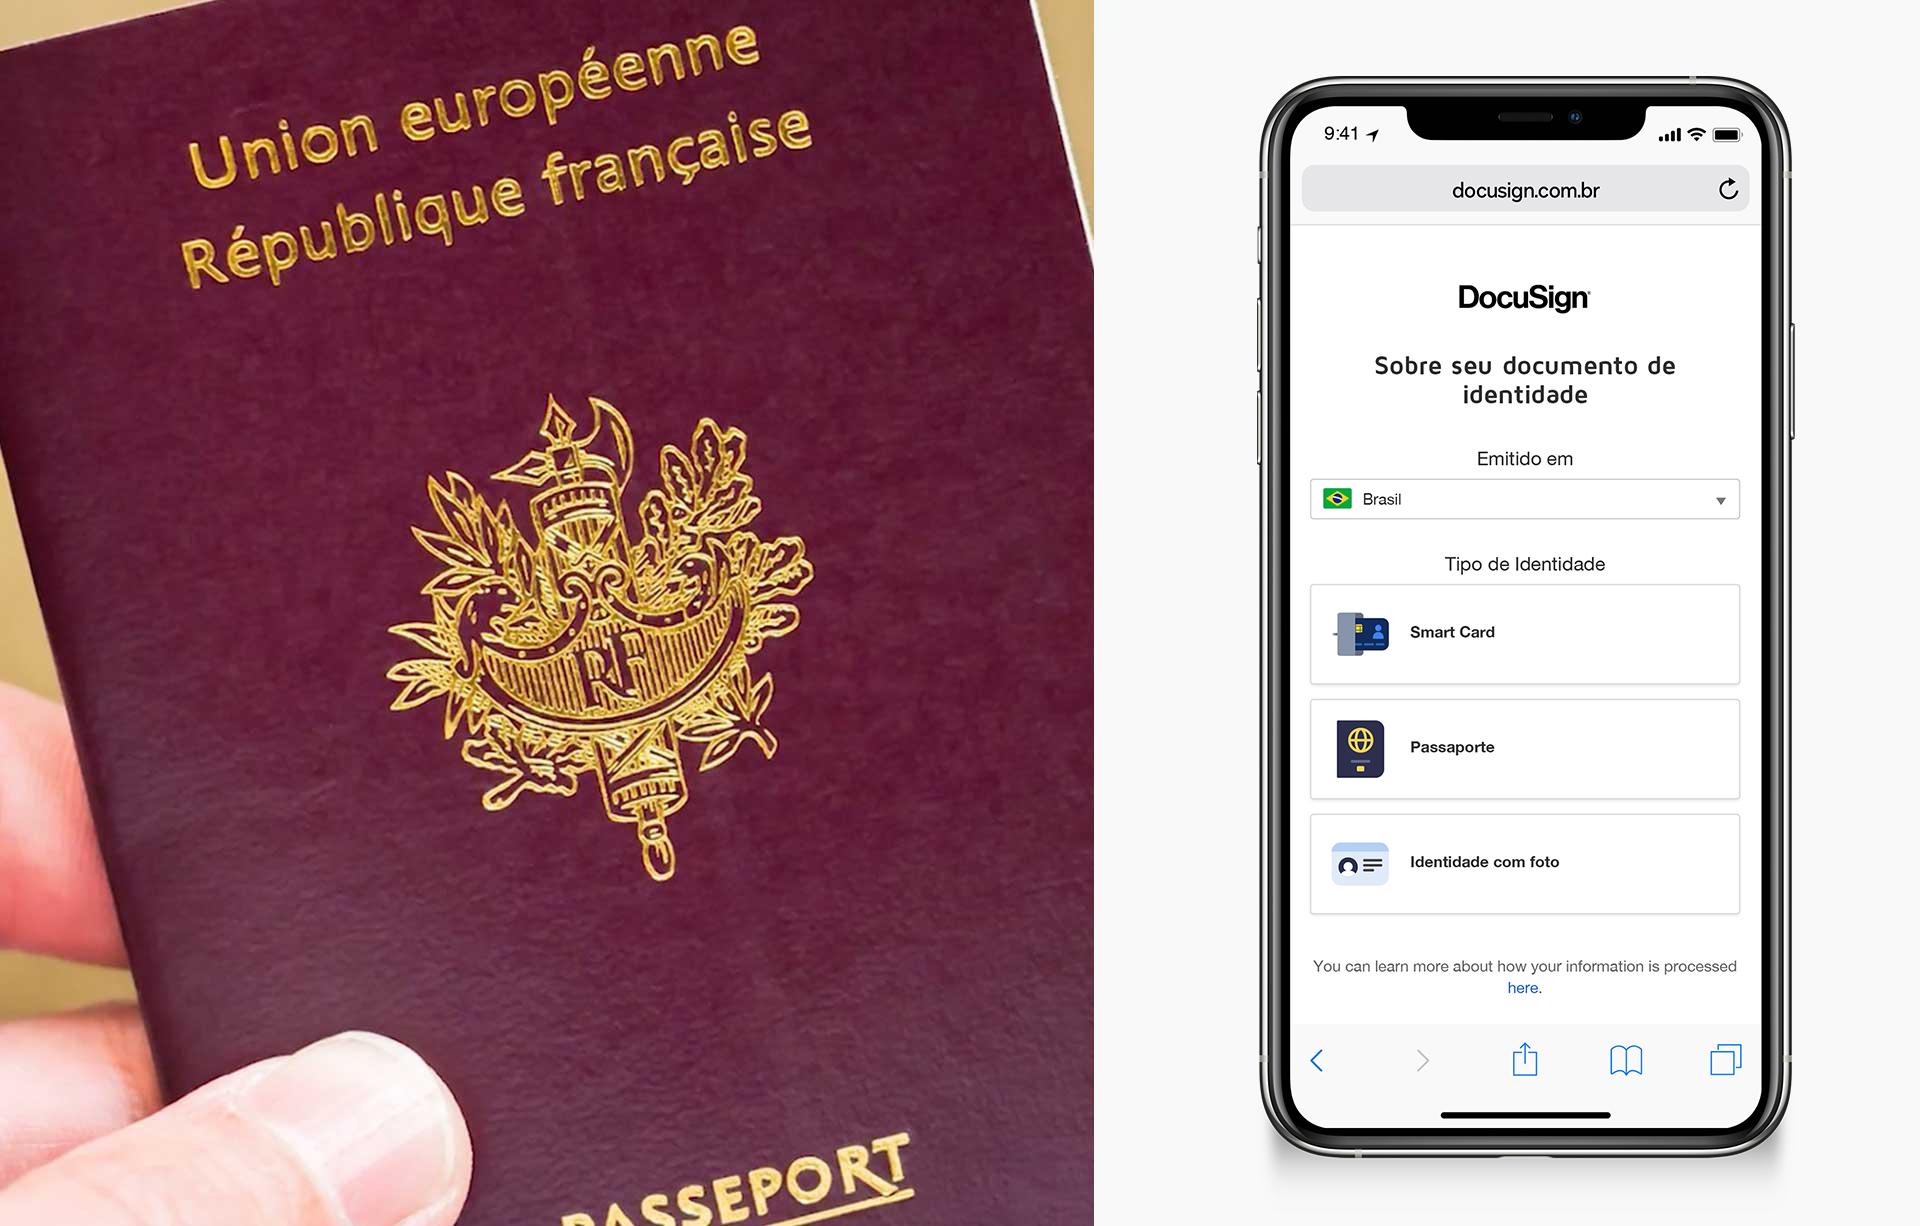 """Uma imagem dividida mostrando uma mão segurando um passaporte à esquerda e à direita um telefone solicitando """"Fale-nos sobre seu ID"""""""